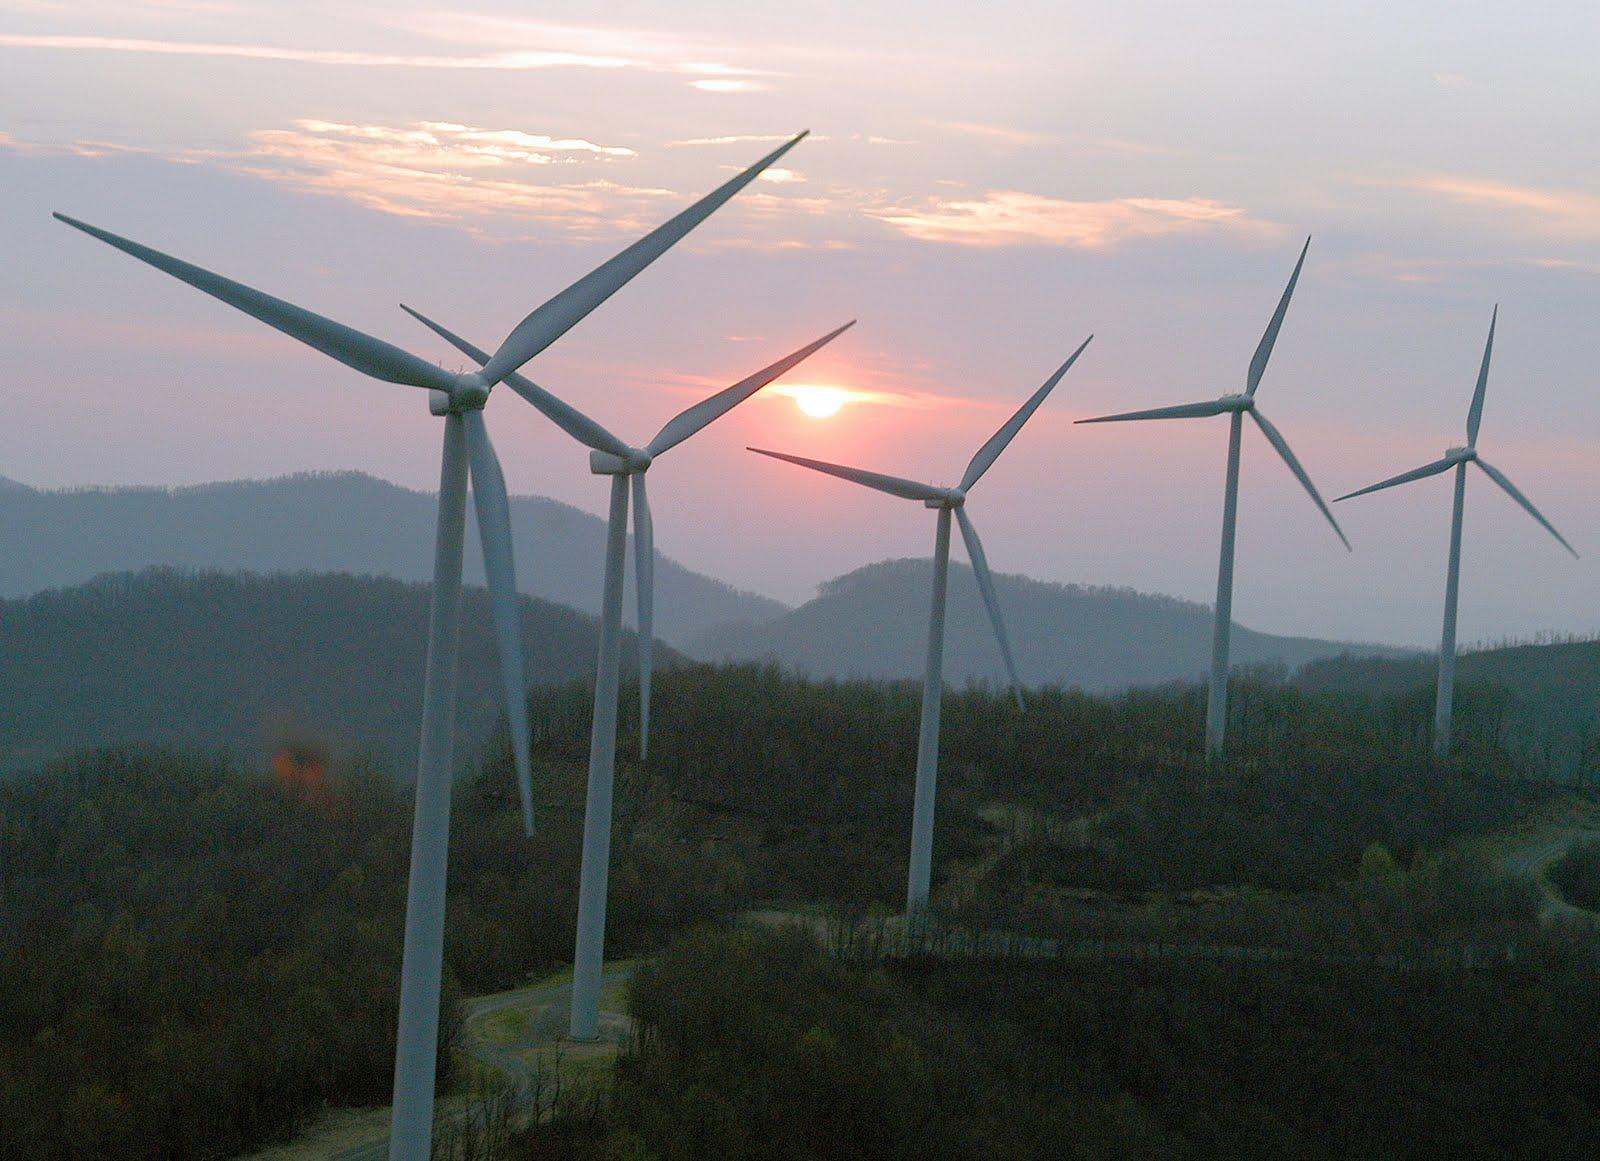 http://4.bp.blogspot.com/-6zOQTRmslYE/TlttmNsuw_I/AAAAAAAAhn8/JWW3QhENBAc/s1600/7997_ge_wind_energy.jpg